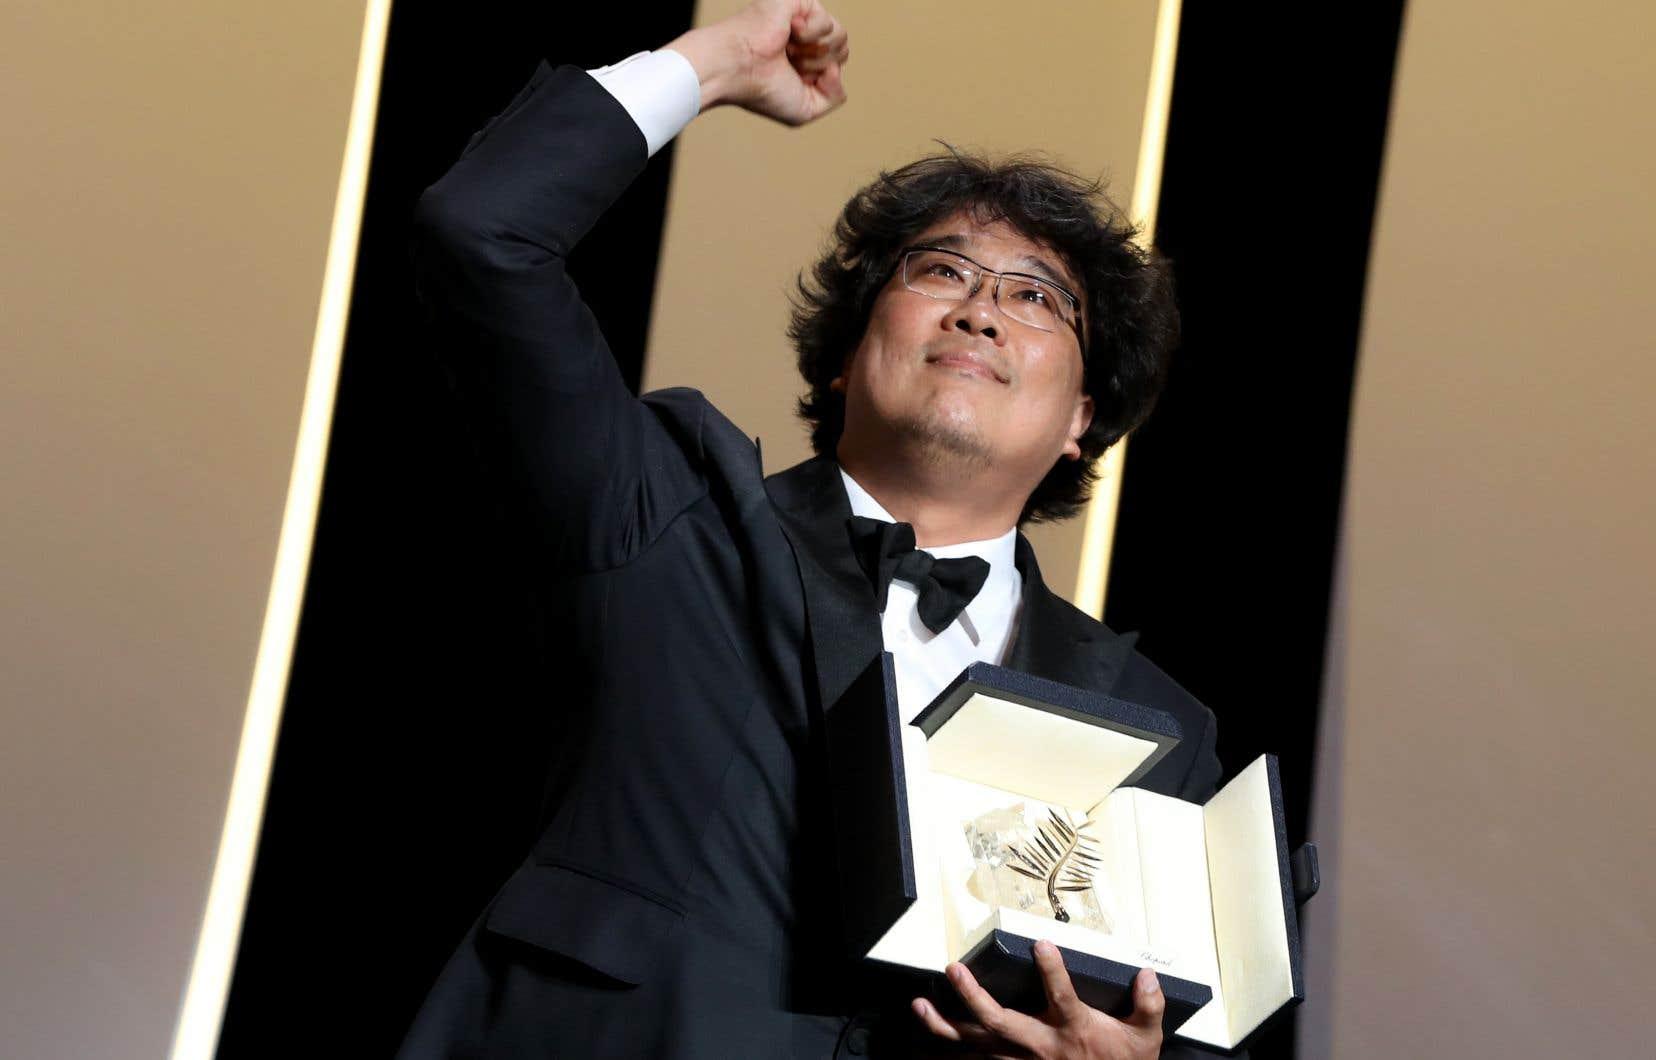 Le réalisateur sud-coréen Bong Joon-Ho pose sur scène avec son trophée après avoir reçu la Palme d'or au Festival de Cannes pour le film «Parasite», le 25 mai 2019.